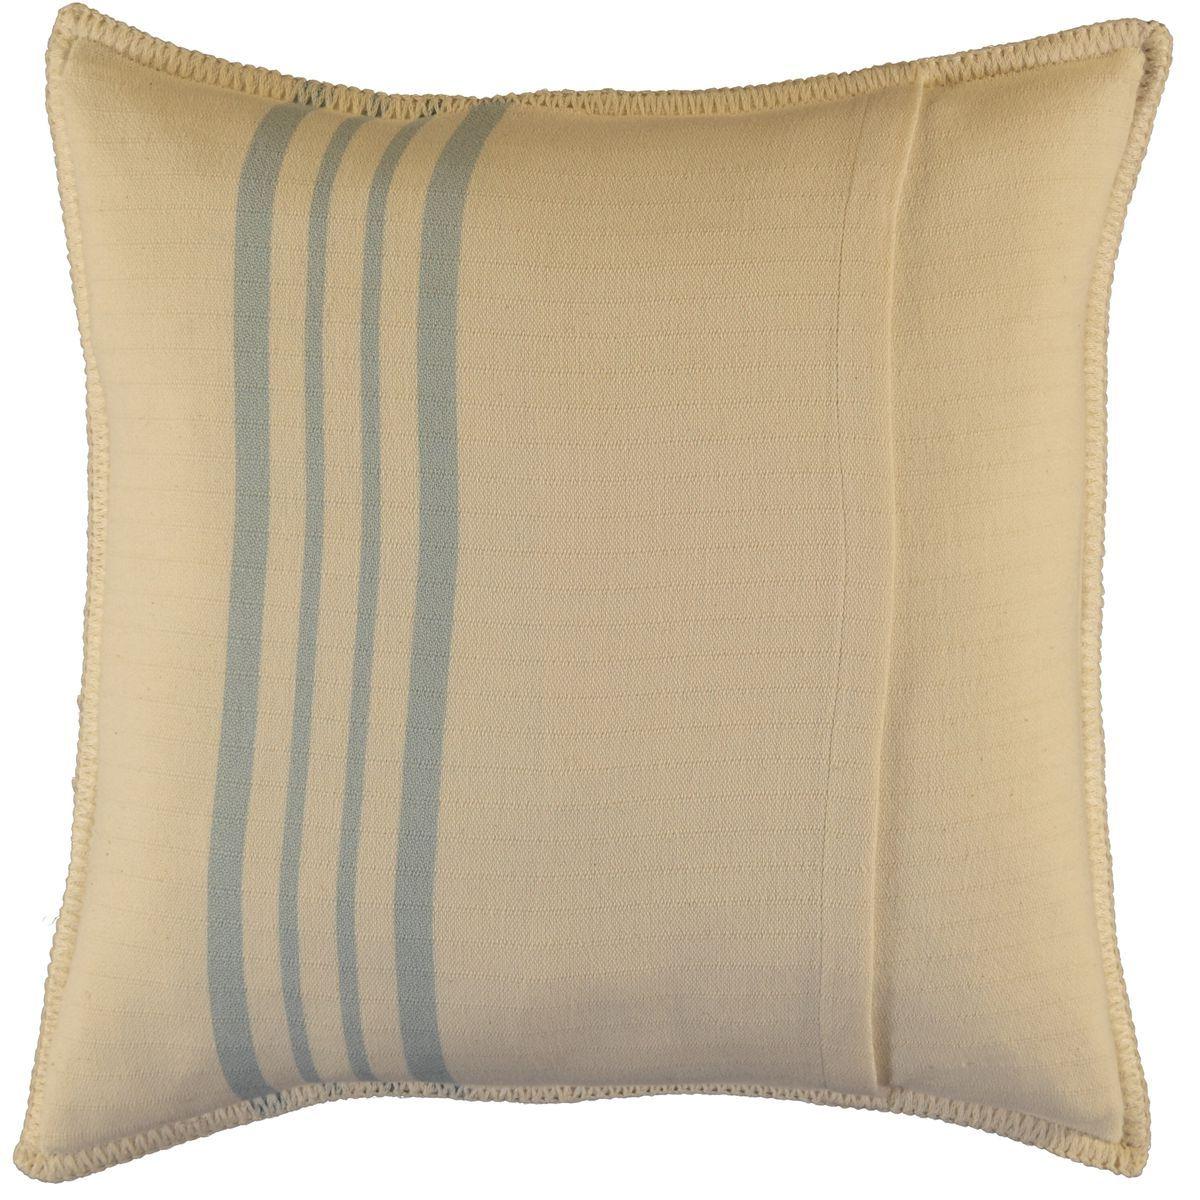 Cushion Cover Sultan - Light Blue / 45x45